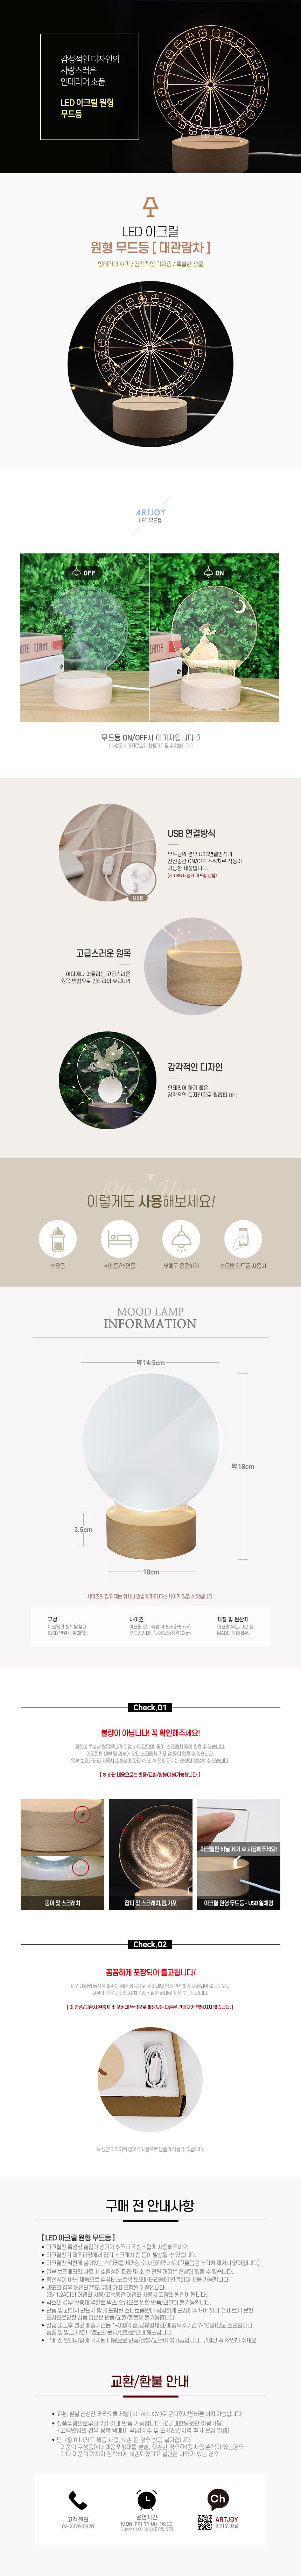 아트조이 LED 아크릴 무드등 (대관람차) - 아트조이, 19,000원, 디자인조명, 아크릴 무드등